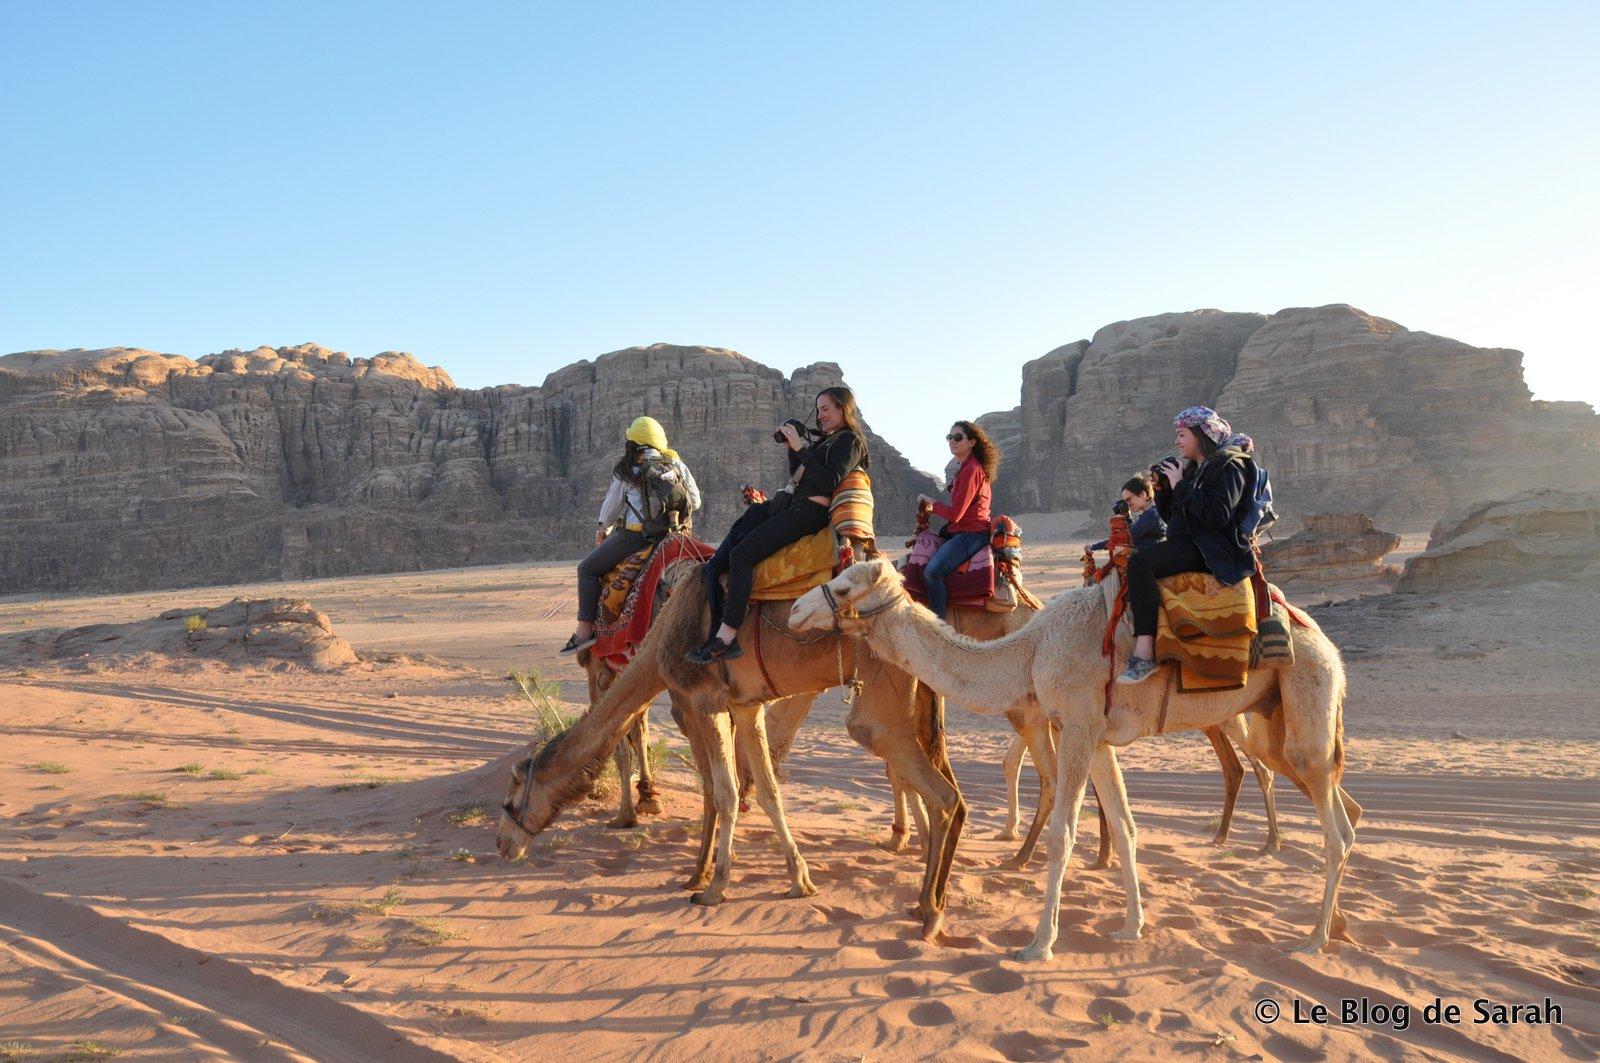 jordan desert camel wadi rum